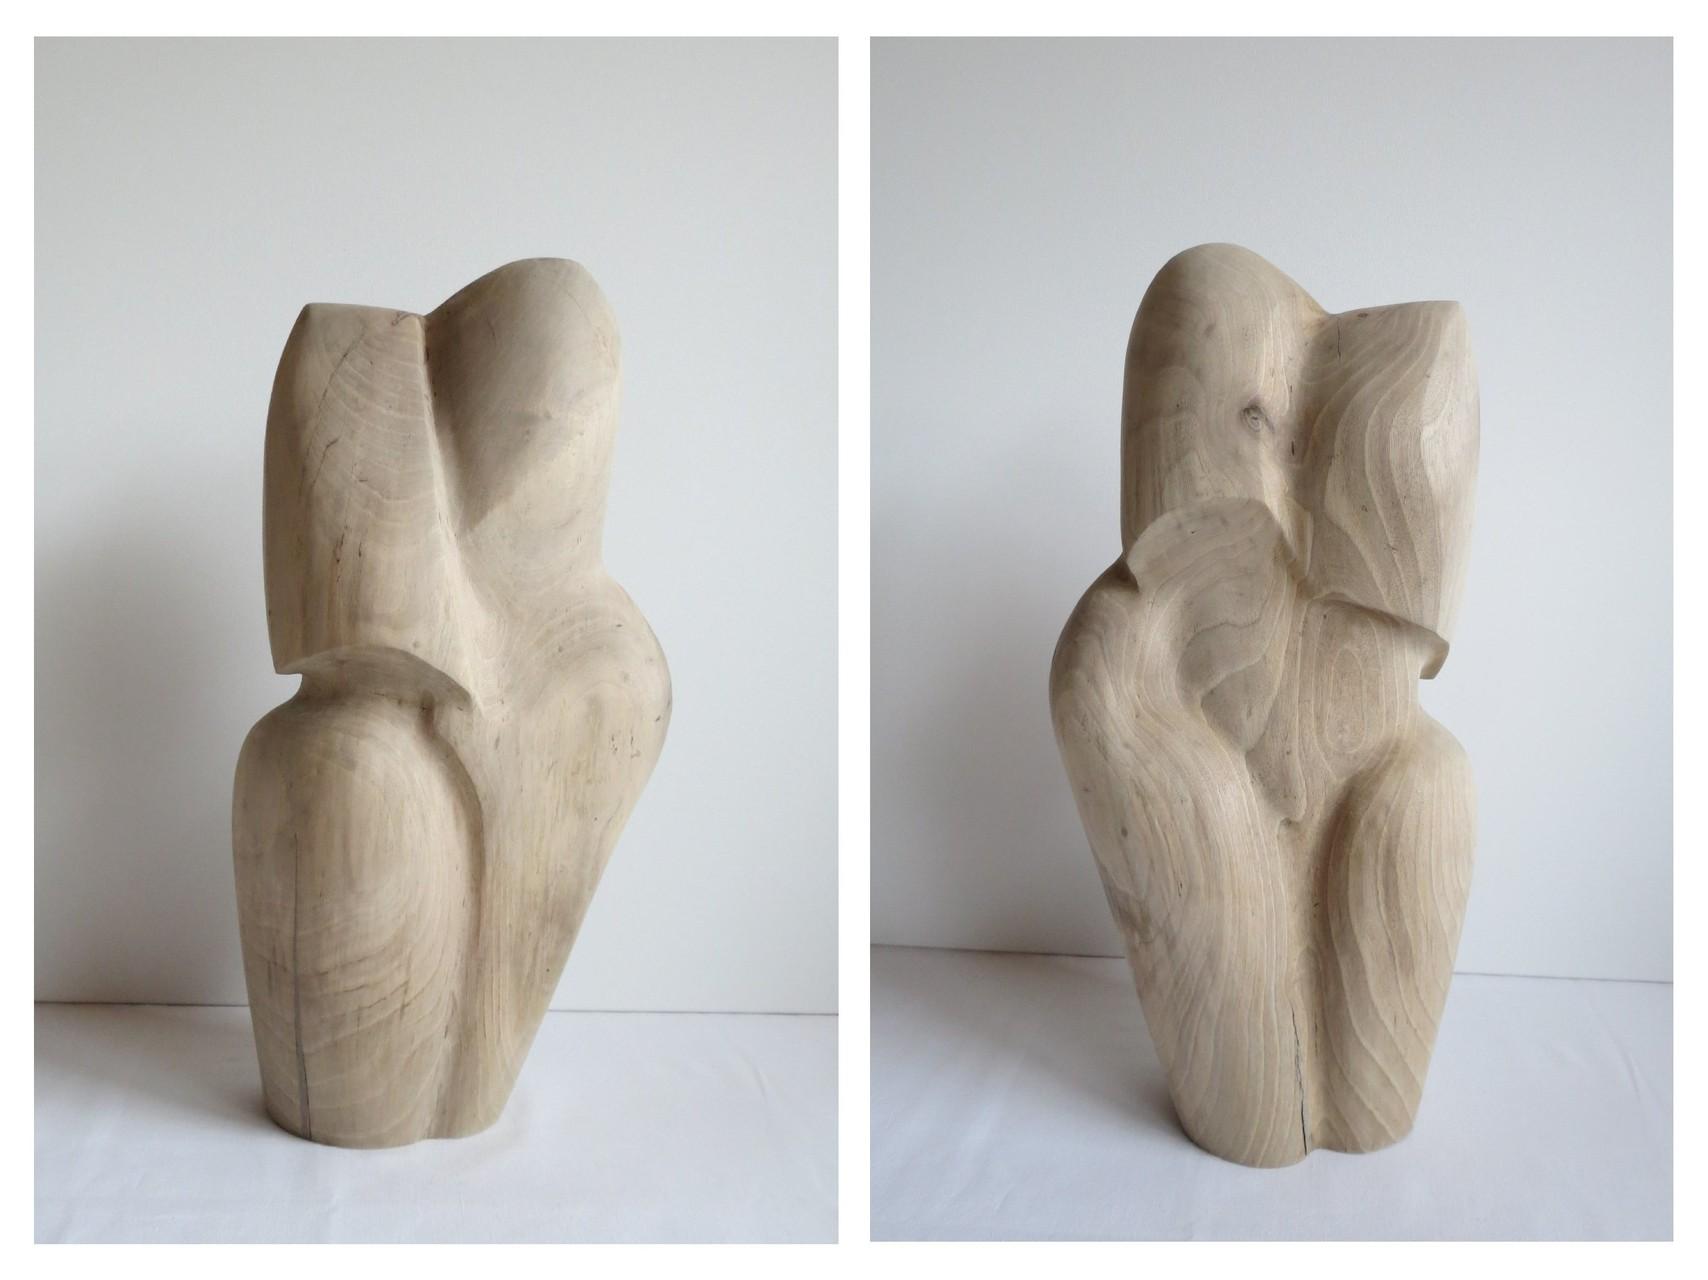 Nussbaum, H 56 cm, T 20 cm, B 26 cm, 2010